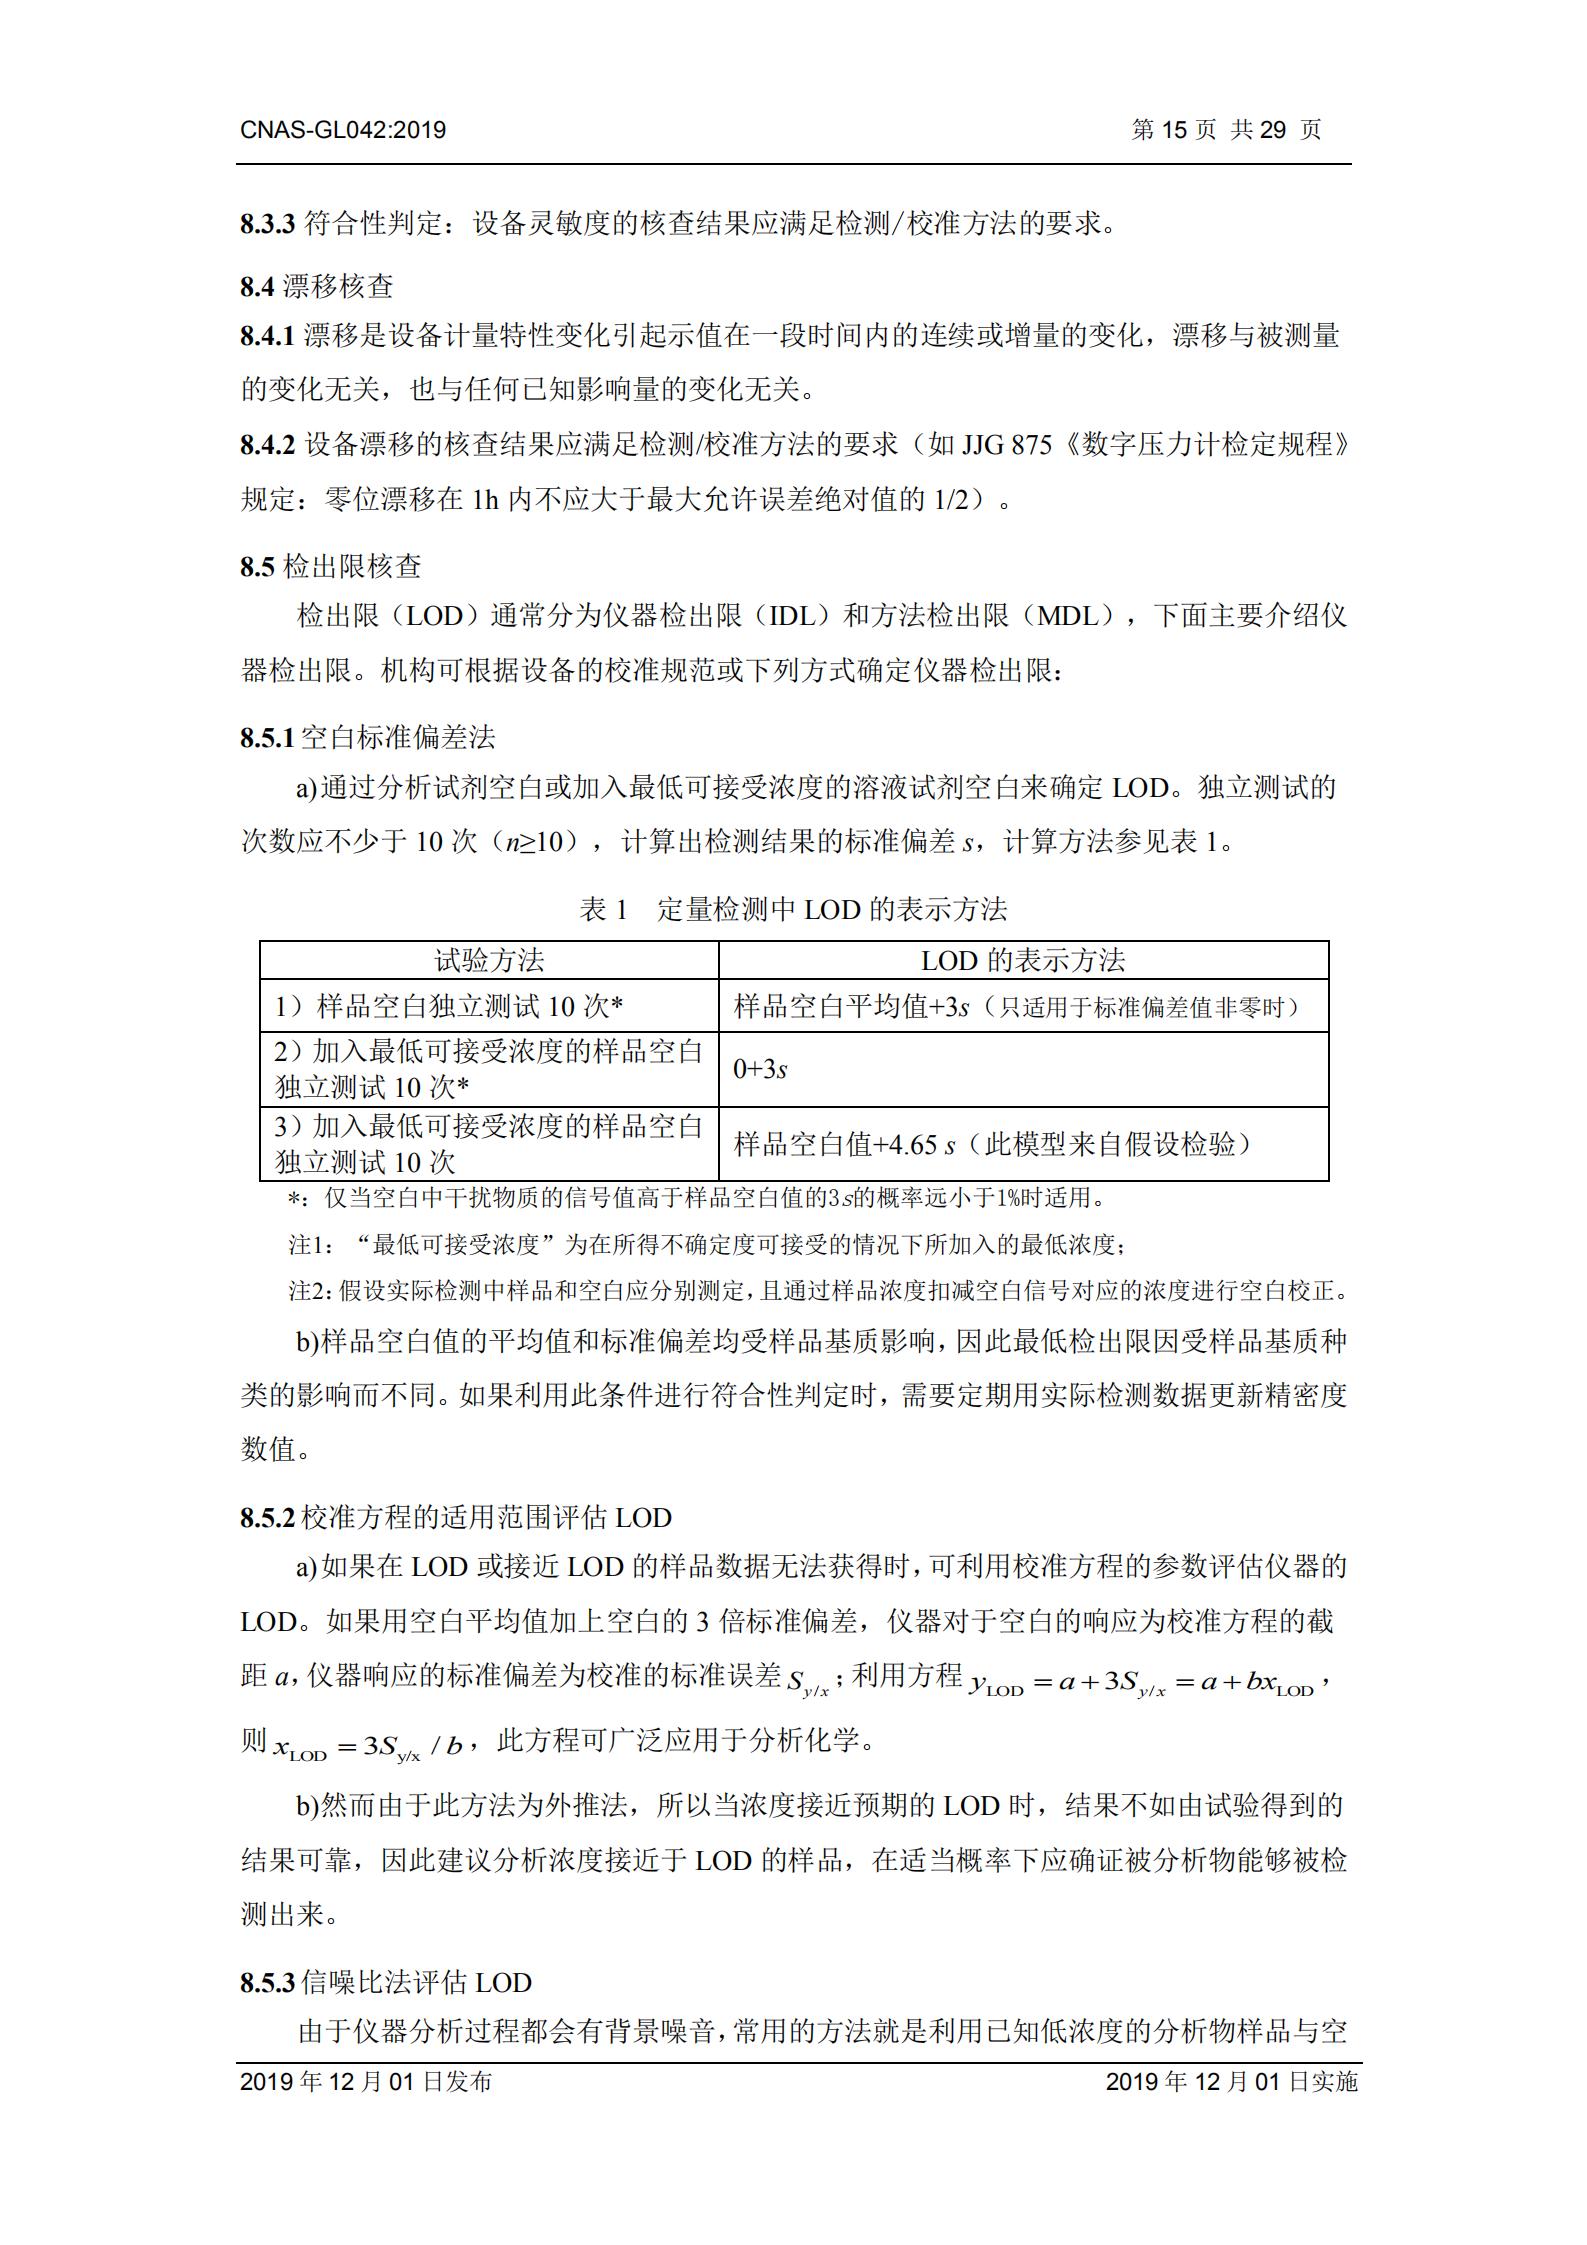 CNAS-GL042:2019《测量设备期间核查的方法指南》_15.png